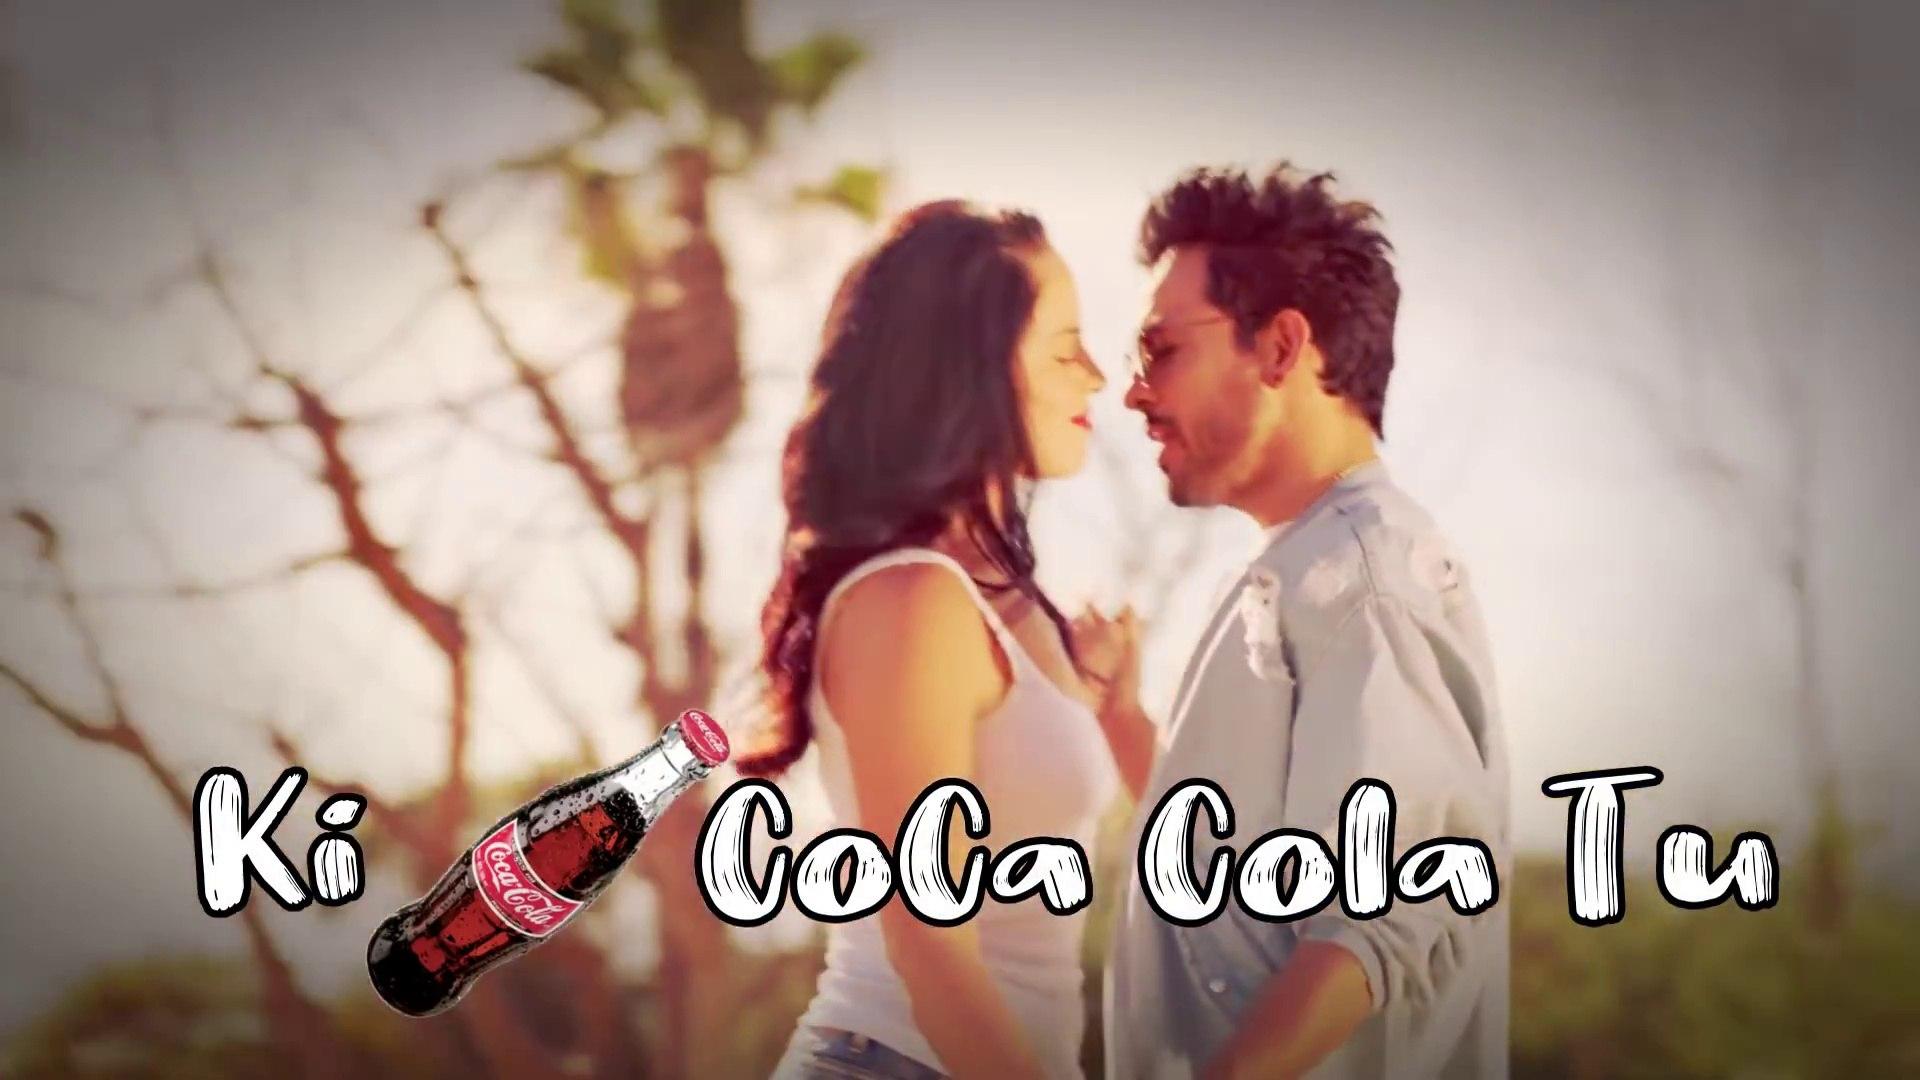 Coca Cola Tu Mp3 Song Download